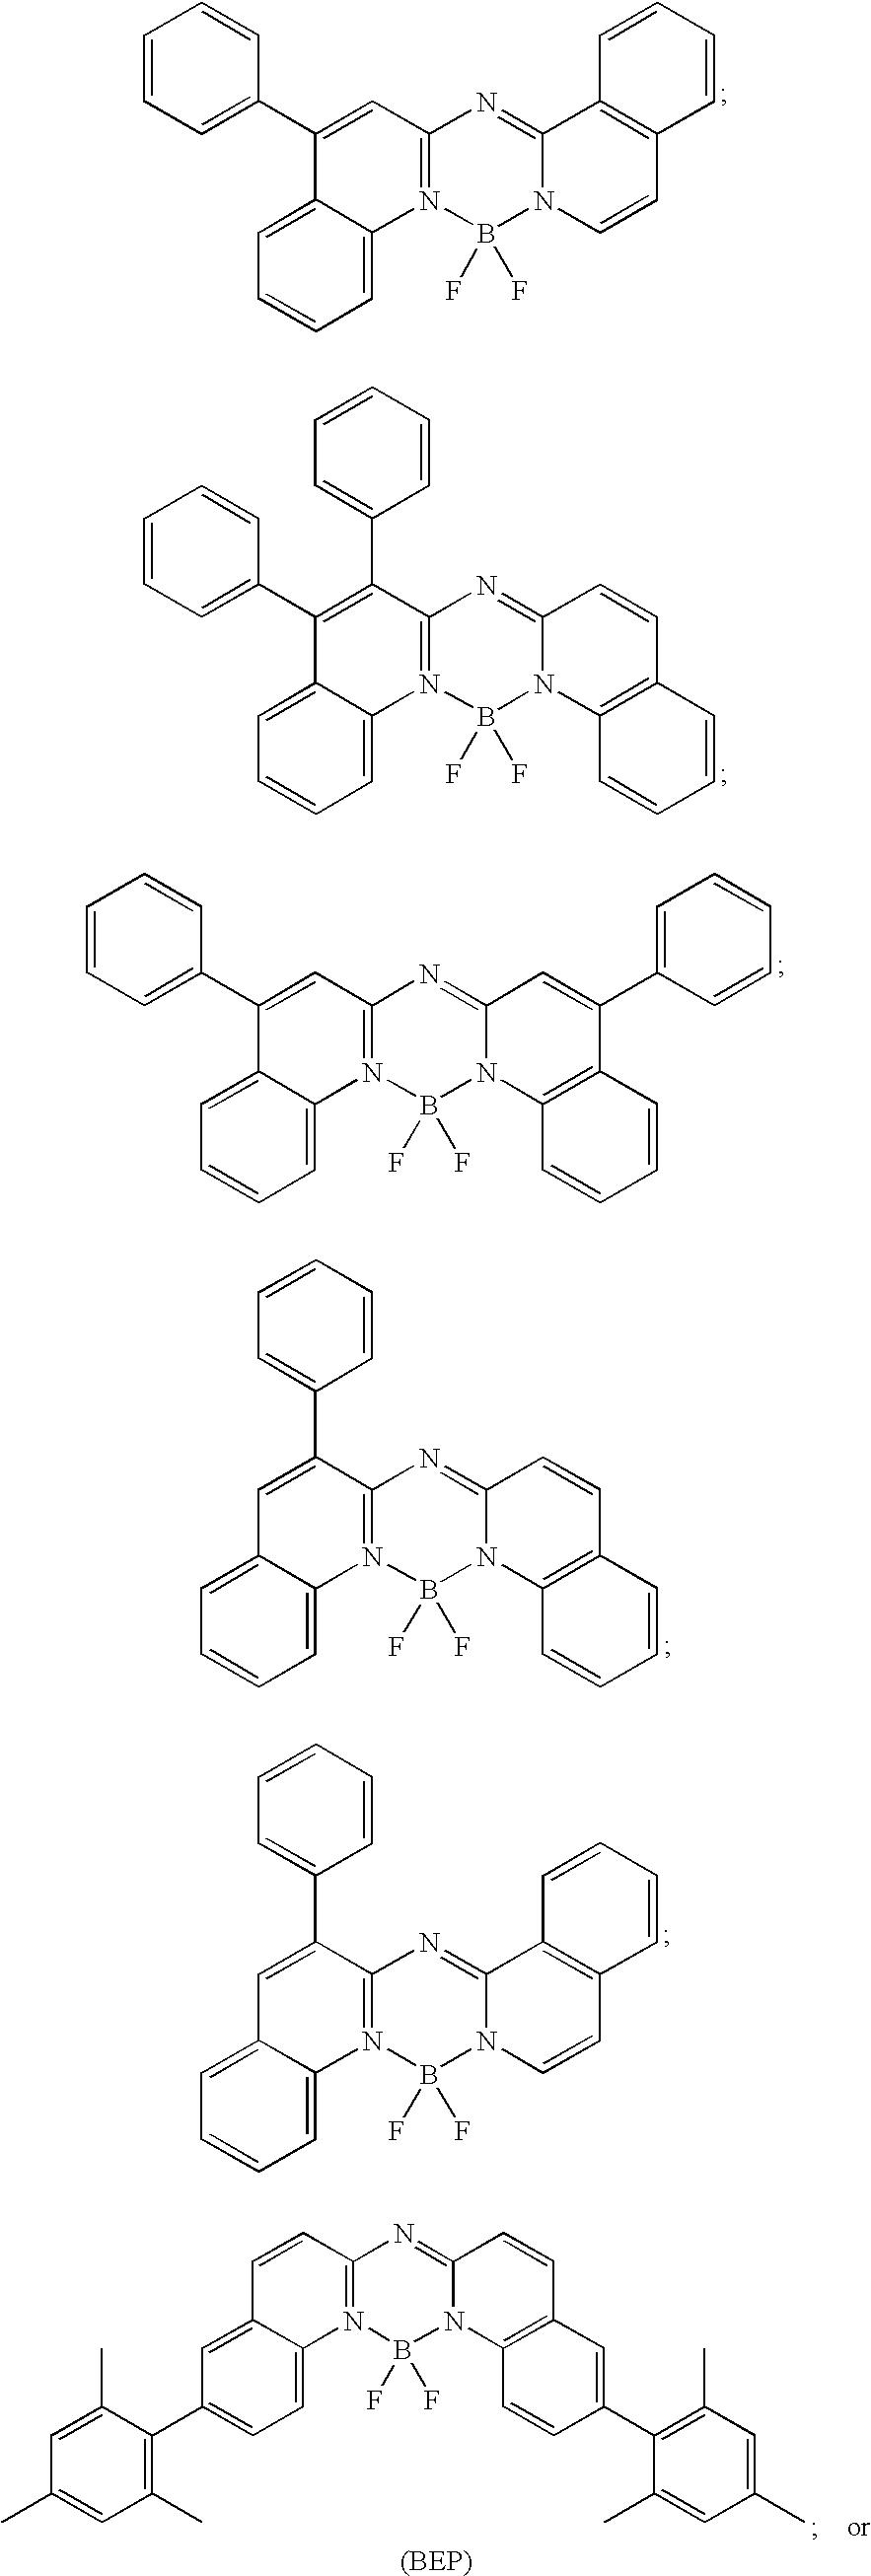 Figure US20060105198A1-20060518-C00042